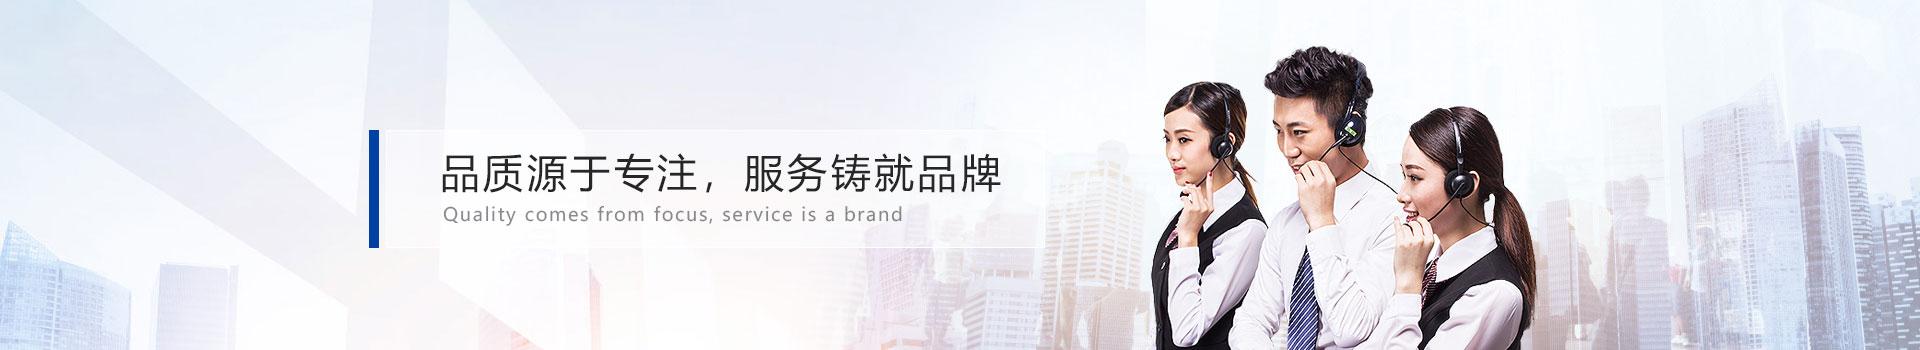 点赞钢铁,品质源于专注,服务铸就品牌